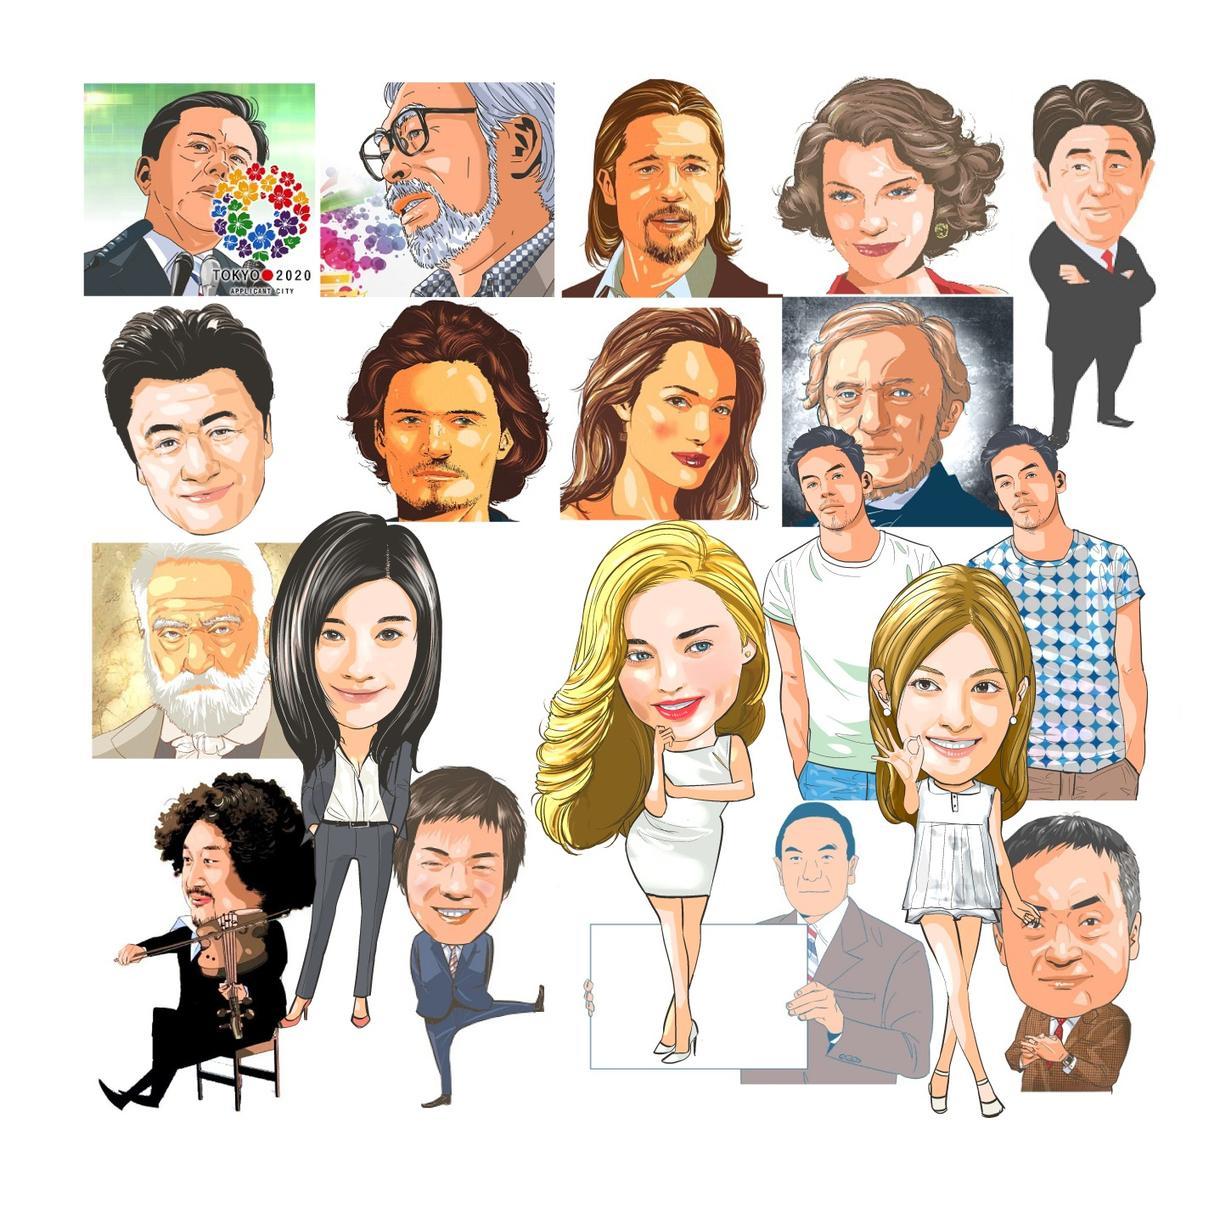 似顔絵描きます 3000人以上の似顔絵を作成してきました!